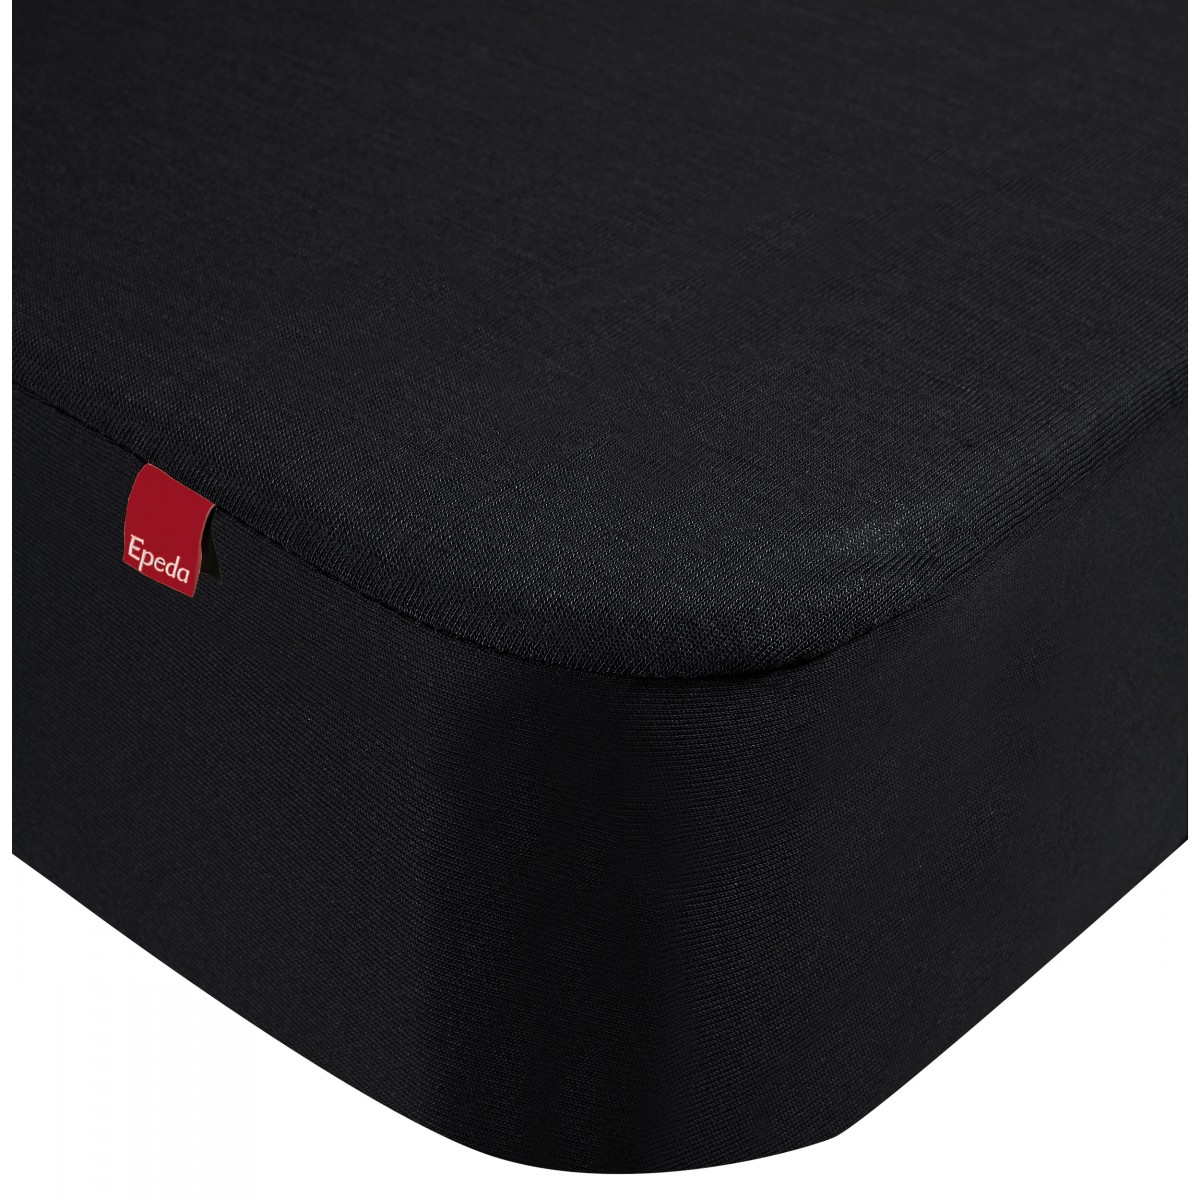 Drap housse protège matelas imperméable 2 en 1  noir 140x190/200